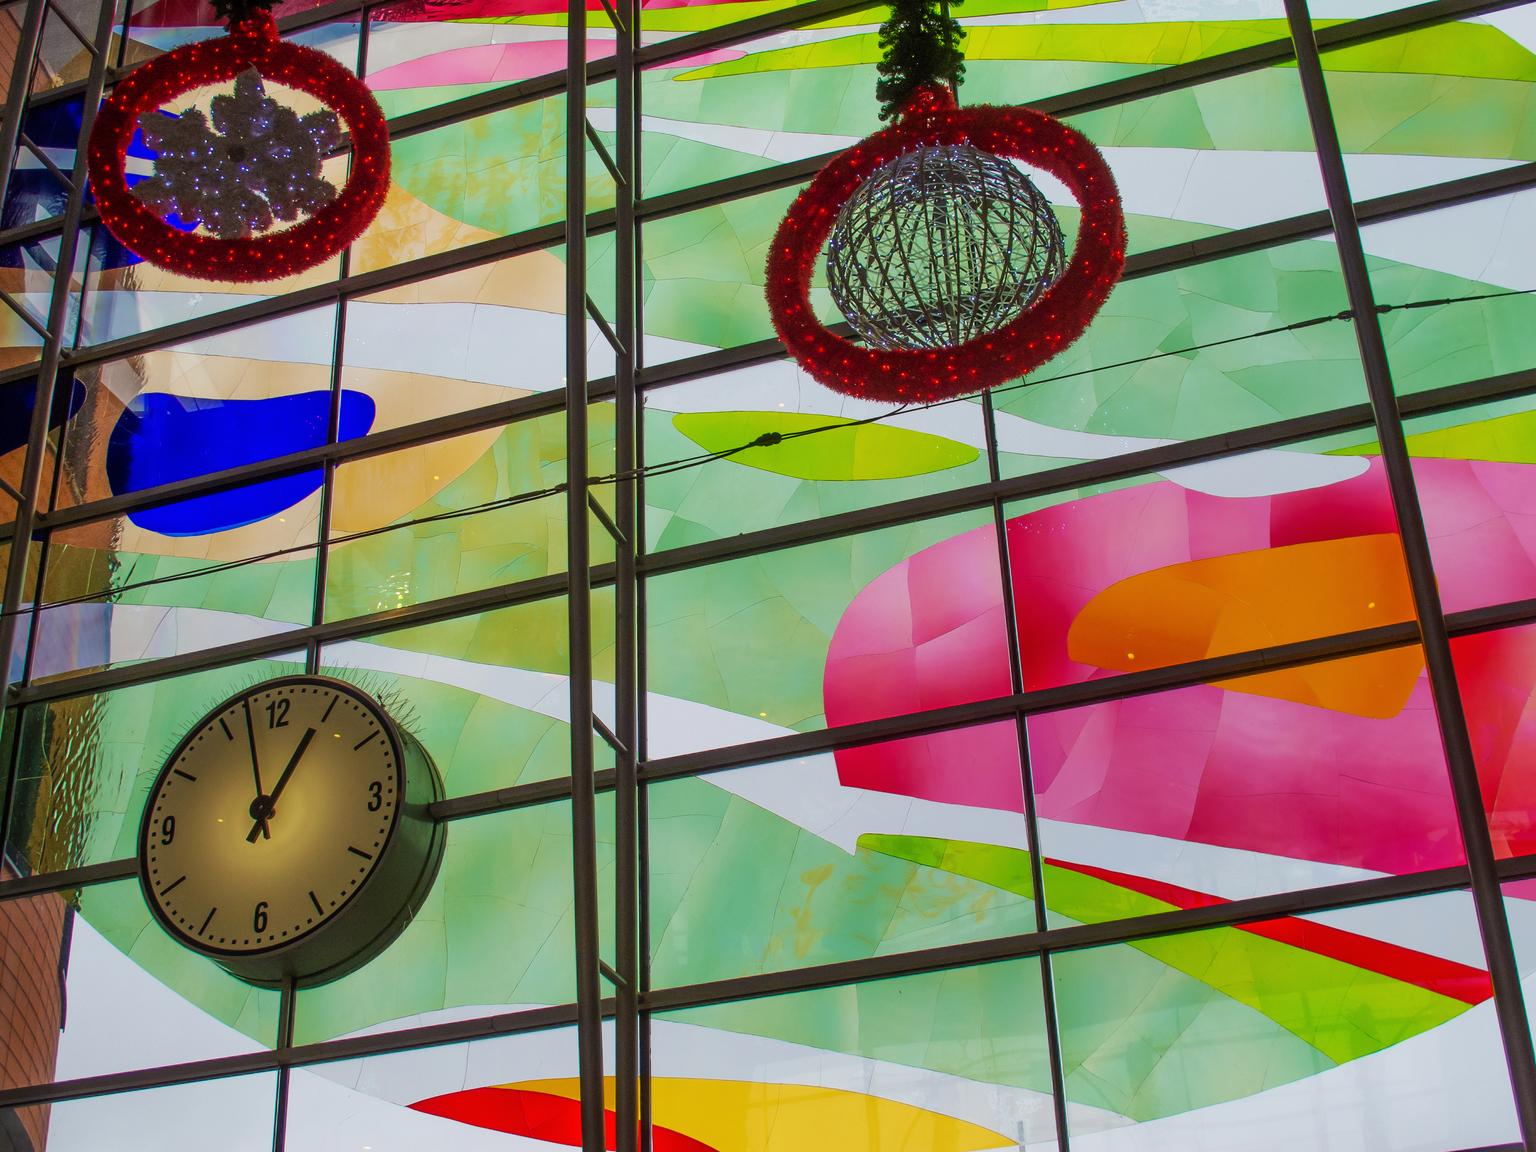 Amersfoort station - Kleurrijke voorzijde - foto door kinderen op 15-04-2021 - locatie: 3818 LE Amersfoort, Nederland - deze foto bevat: geel, lijn, klok, kunst, symmetrie, glas, cirkel, tinten en schakeringen, patroon, glas-in-lood